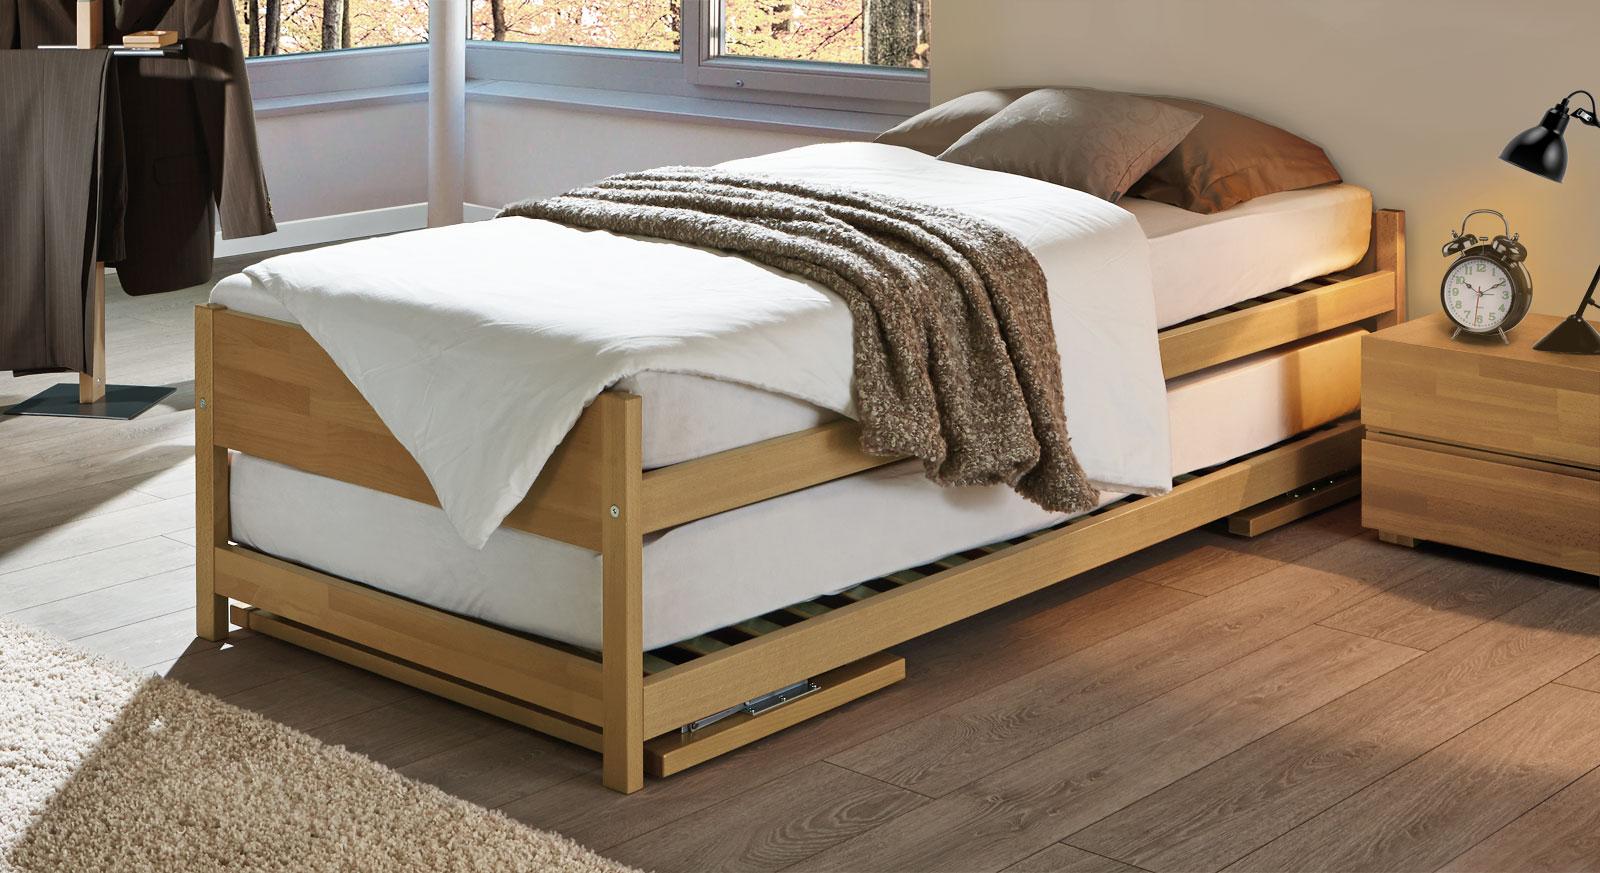 Full Size of Ausziehbares Doppelbett Ausziehbare Doppelbettcouch Ikea Zwei Betten Gleicher Gre Unser Ausziehbett On Top Bett Wohnzimmer Ausziehbares Doppelbett